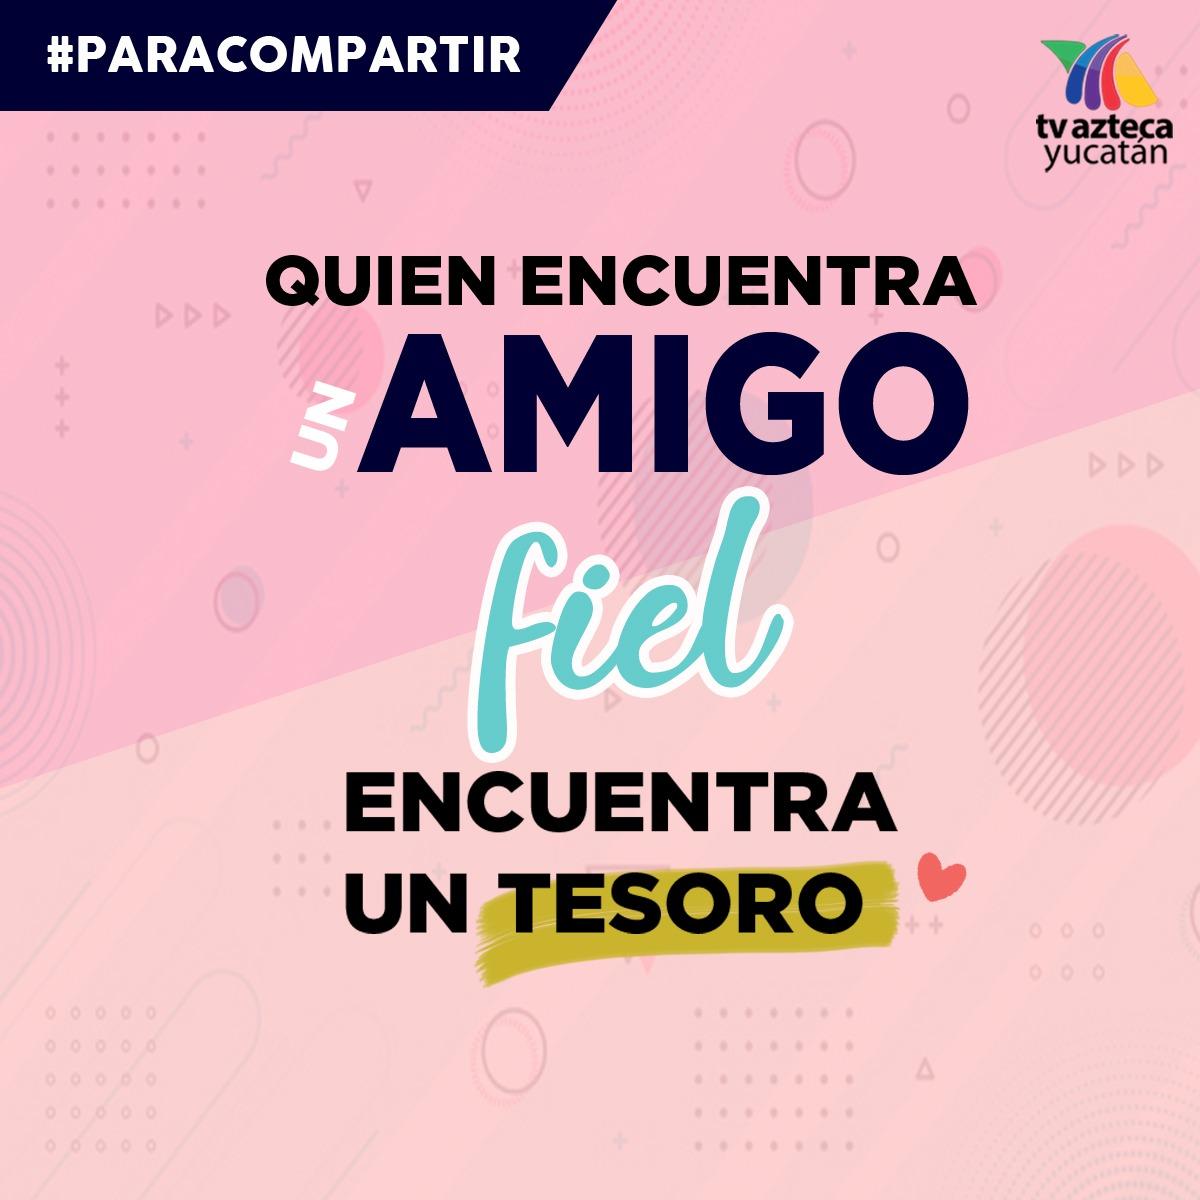 #ParaCompartir En esta semana del amor y la amistad ¡Etiqueta a ese amigo o amiga que se ha convertido en una persona importante para ti!